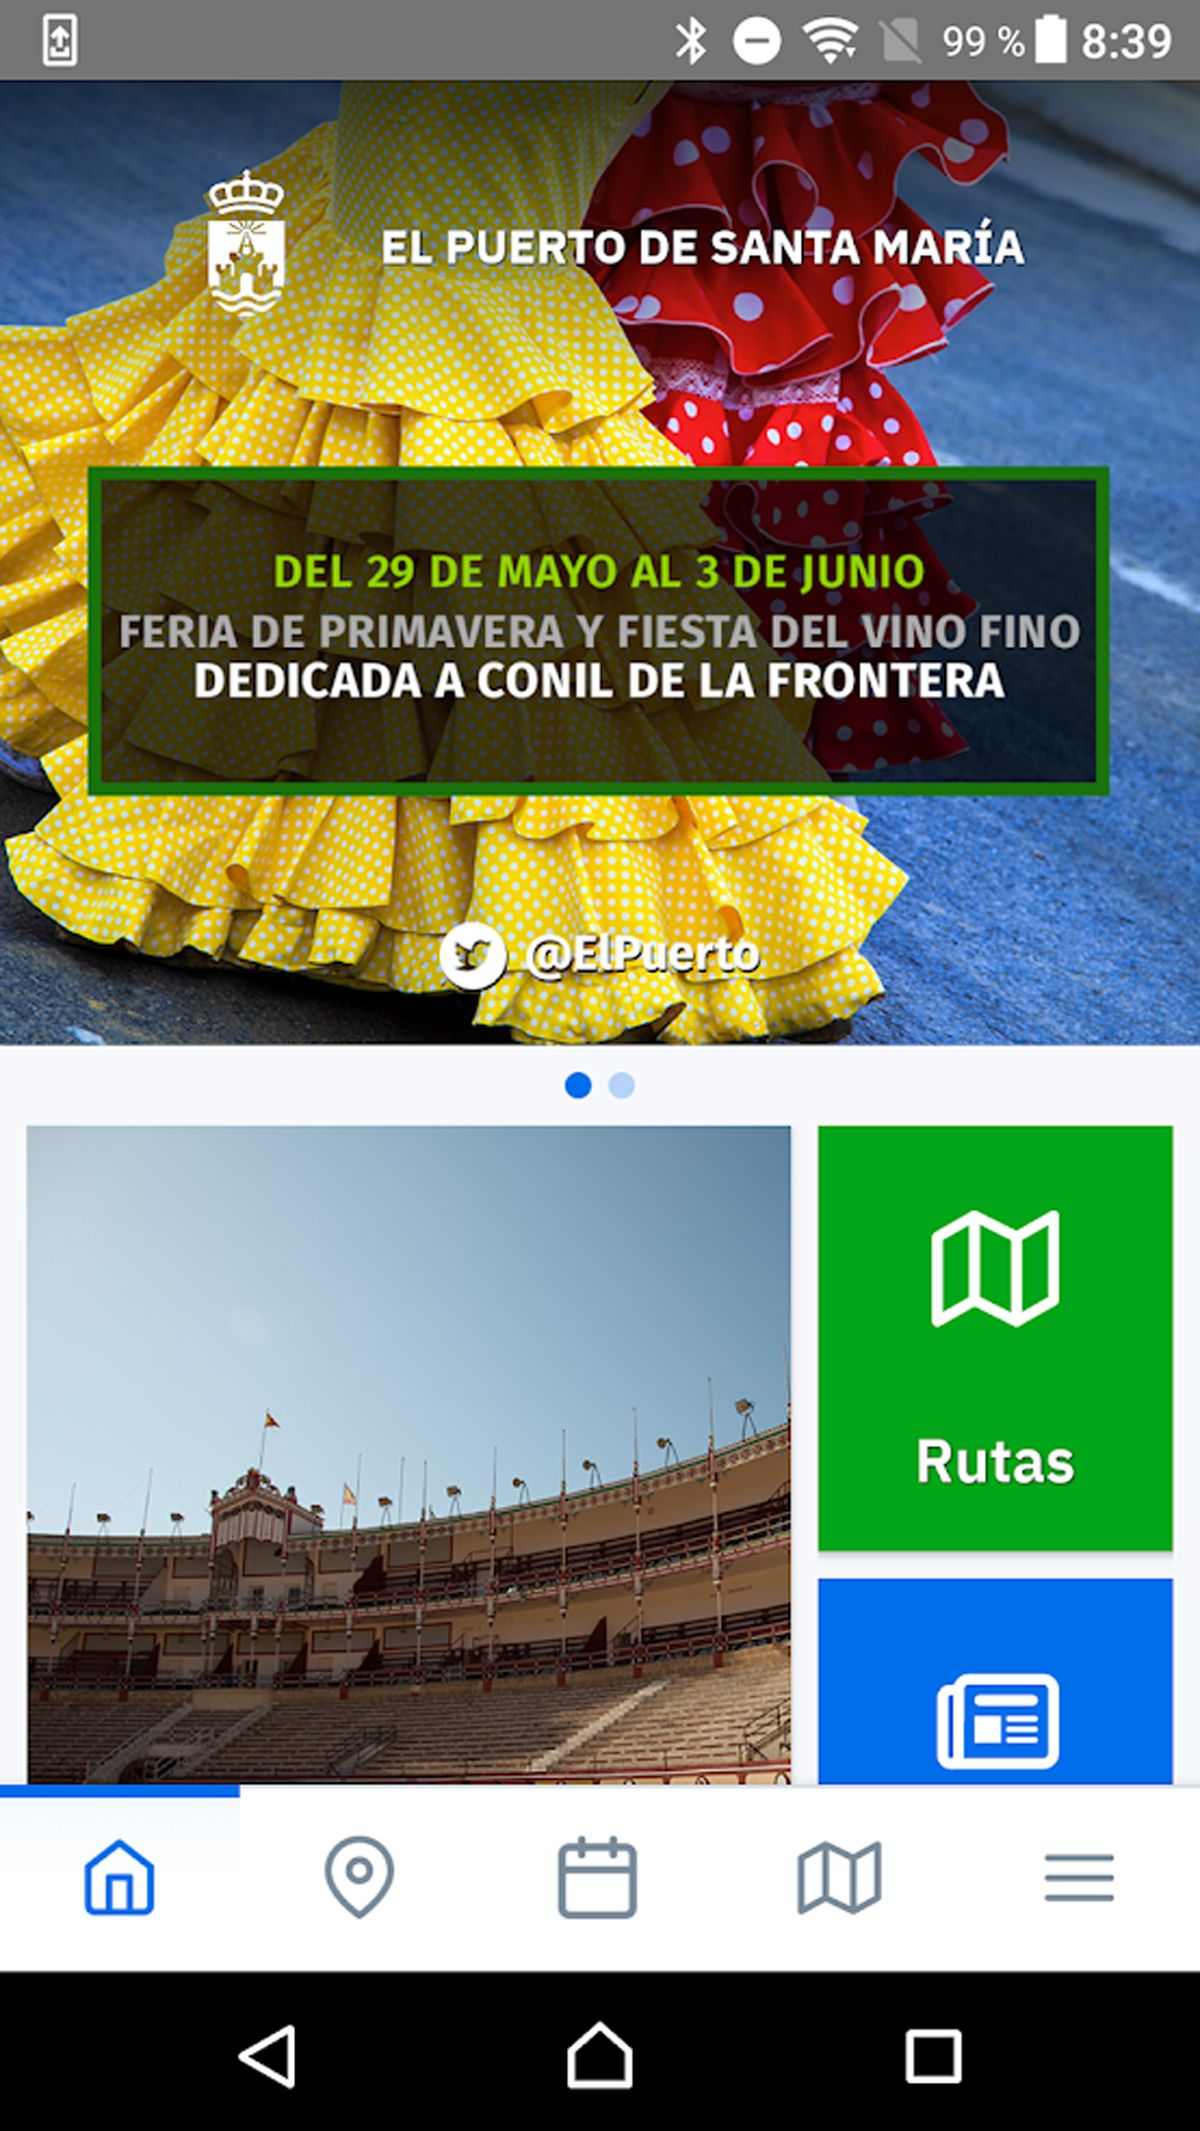 app de El Puerto de Santa María